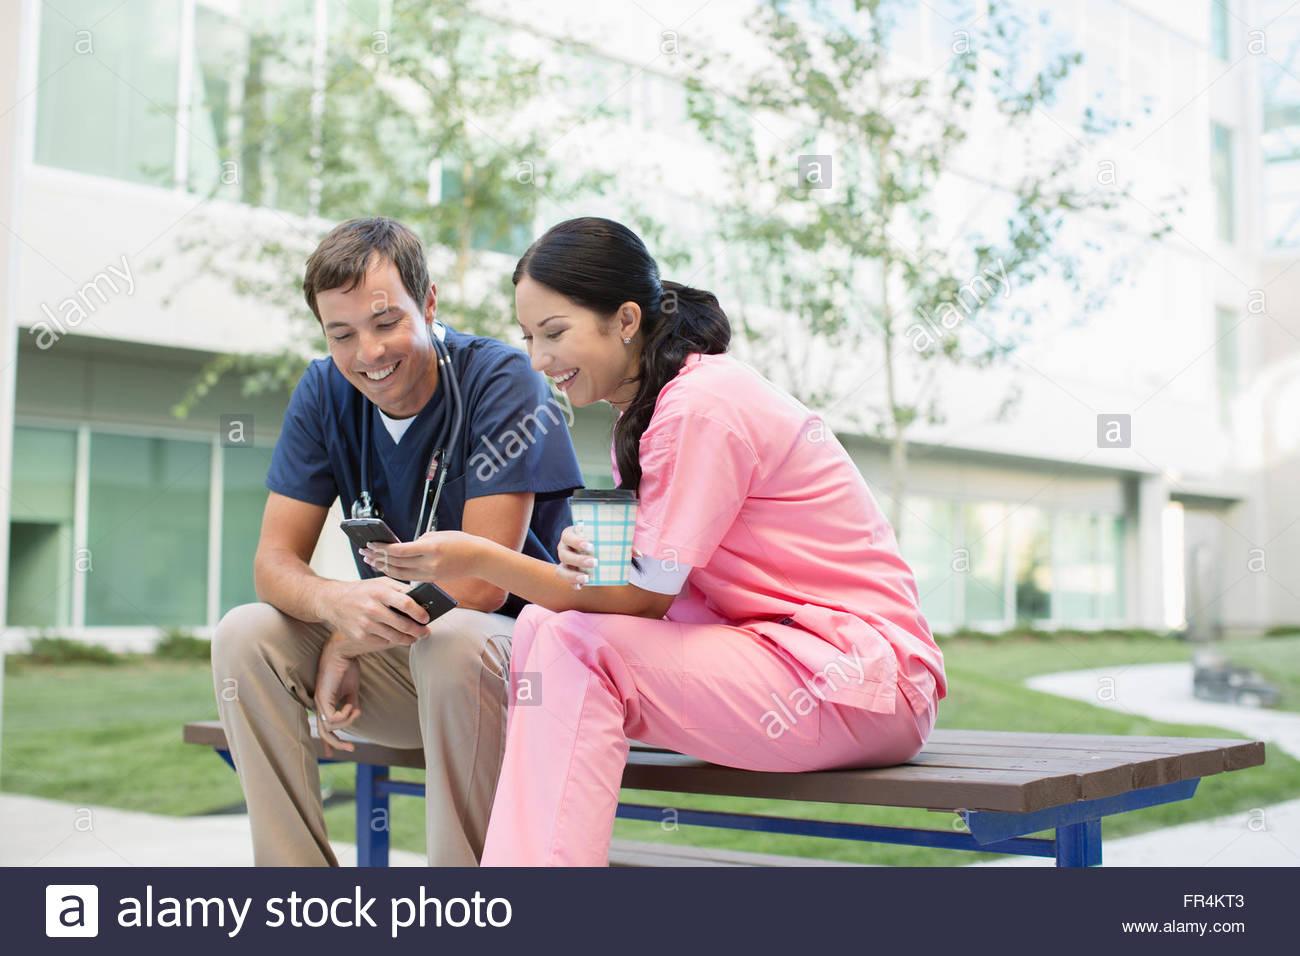 I professionisti del settore medico in pausa guardando smartphone Immagini Stock